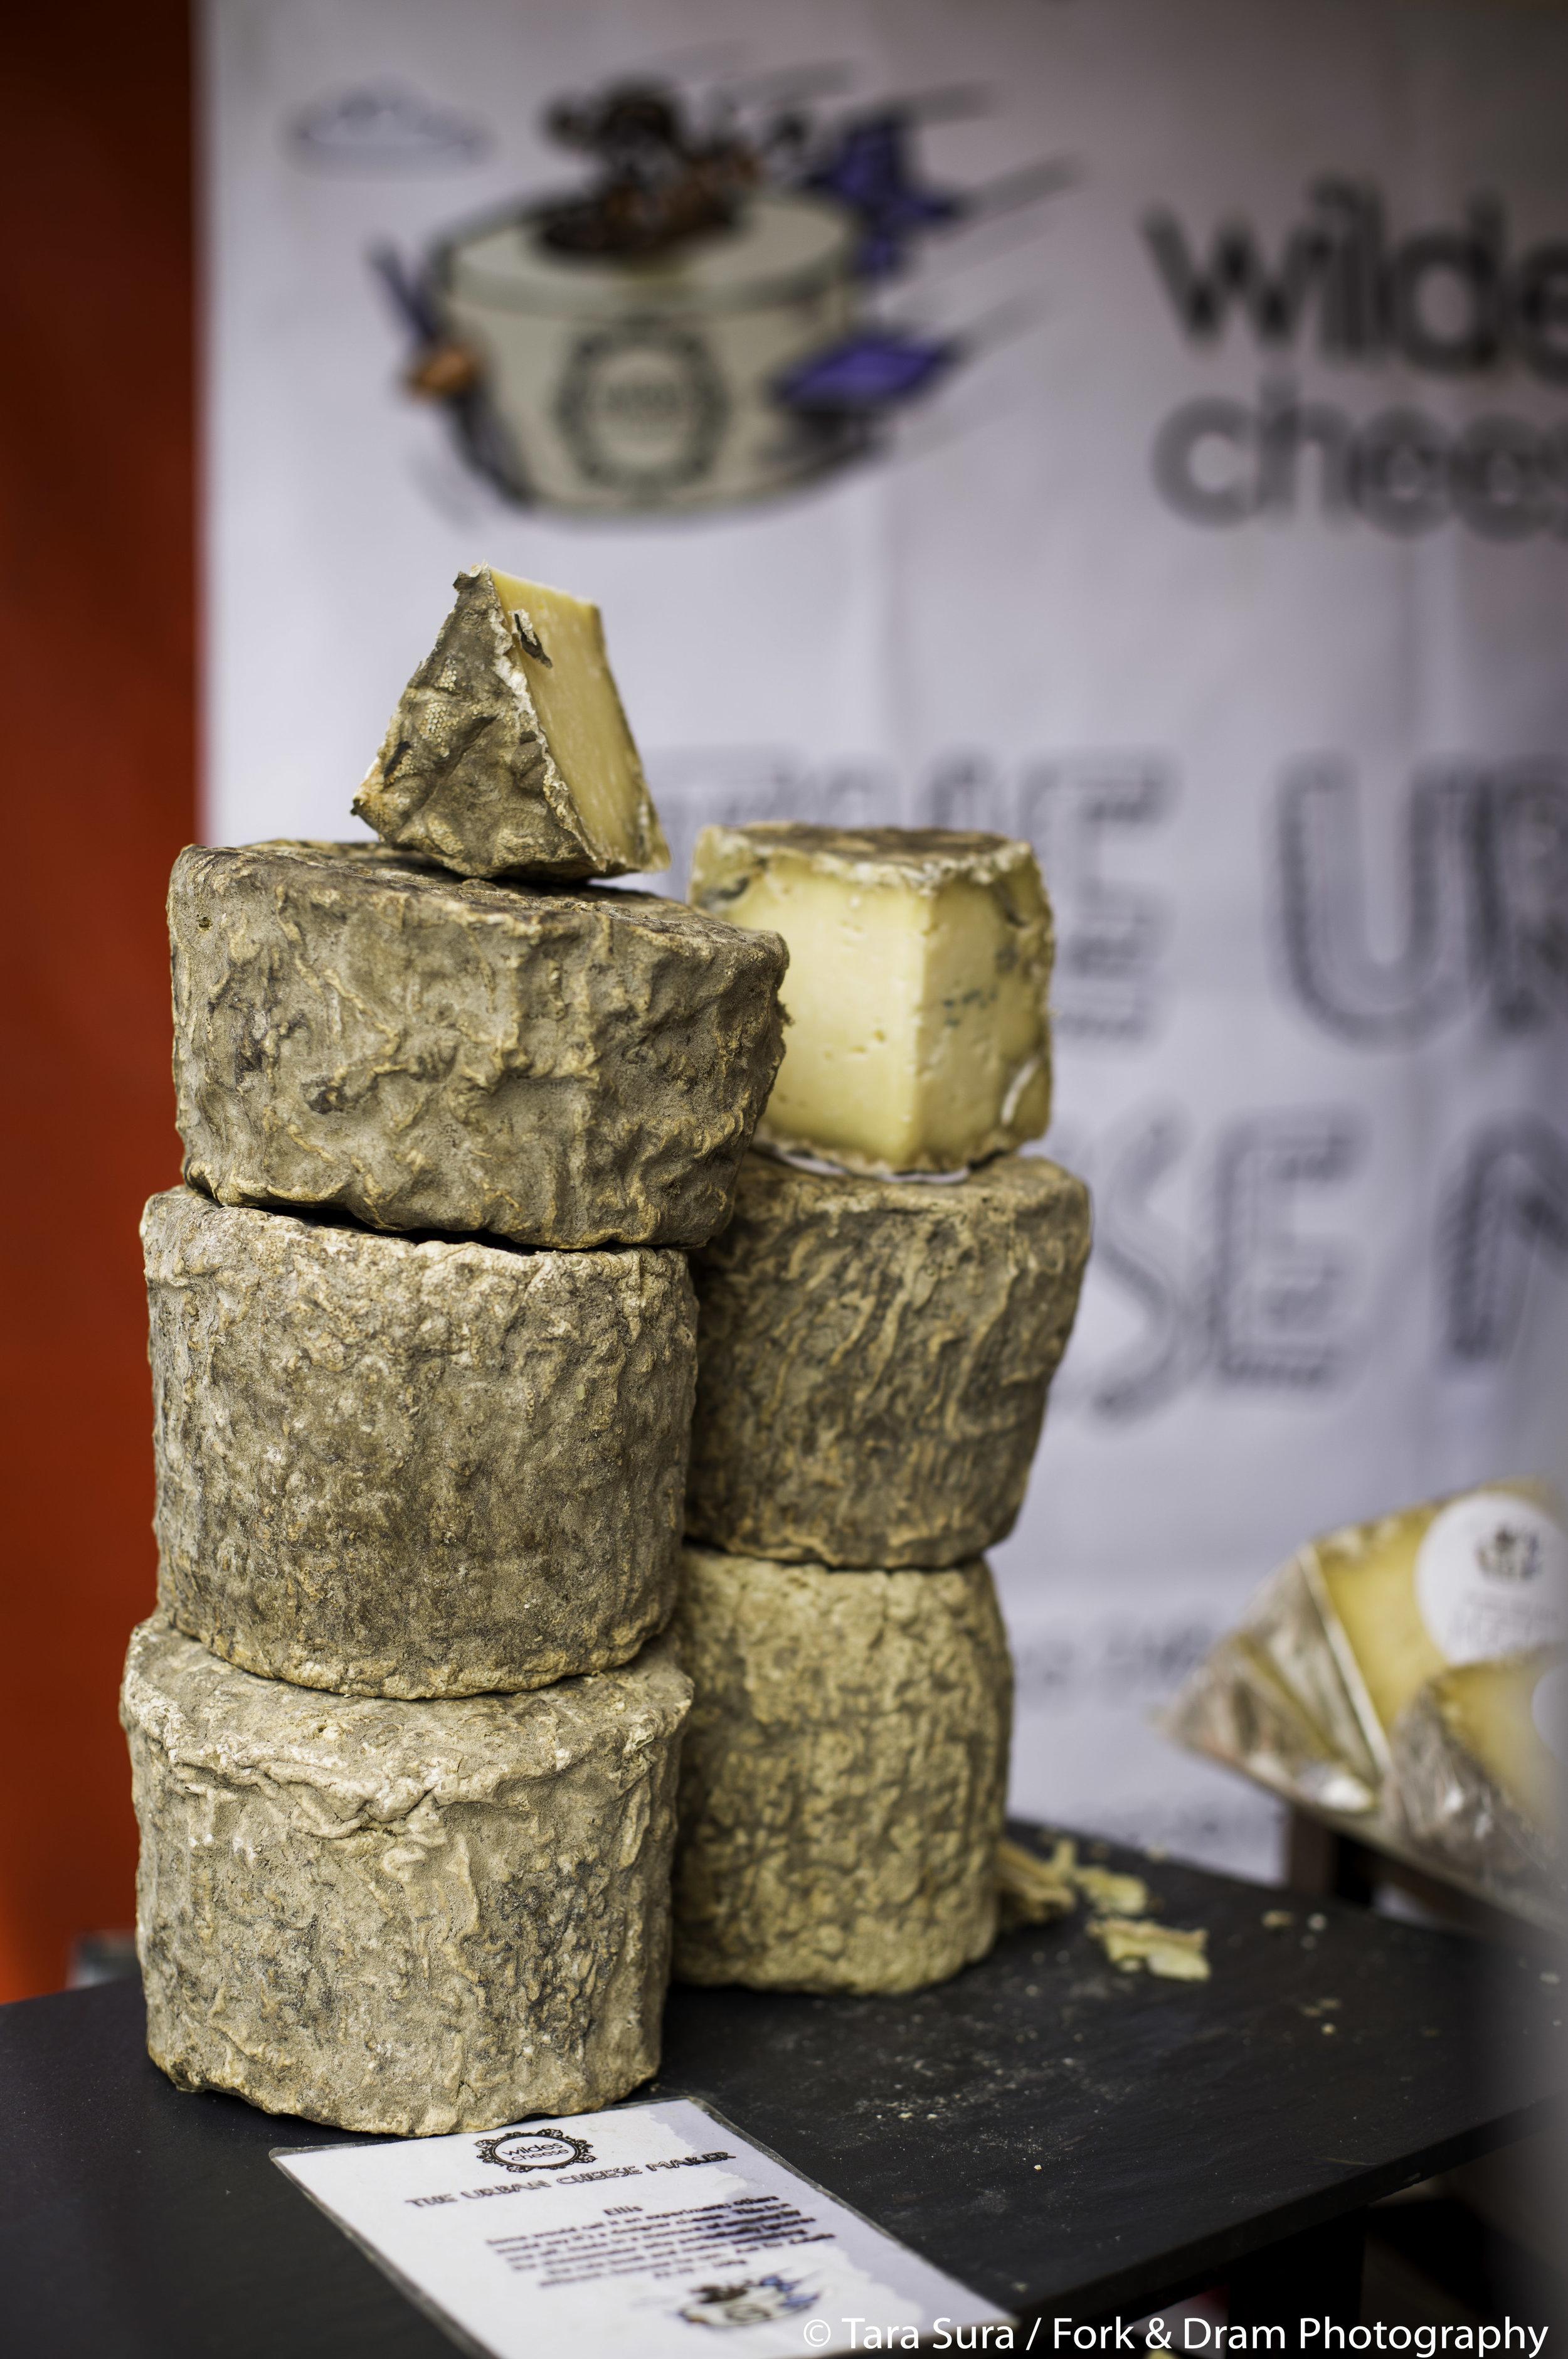 WILDE'S CHEESE   The award winning urban cheesemakers of Tottenham return with their ever popular artisan cheeses    https://wildescheese.co.uk/   Photo: Tara Sura/ Fork and Dram